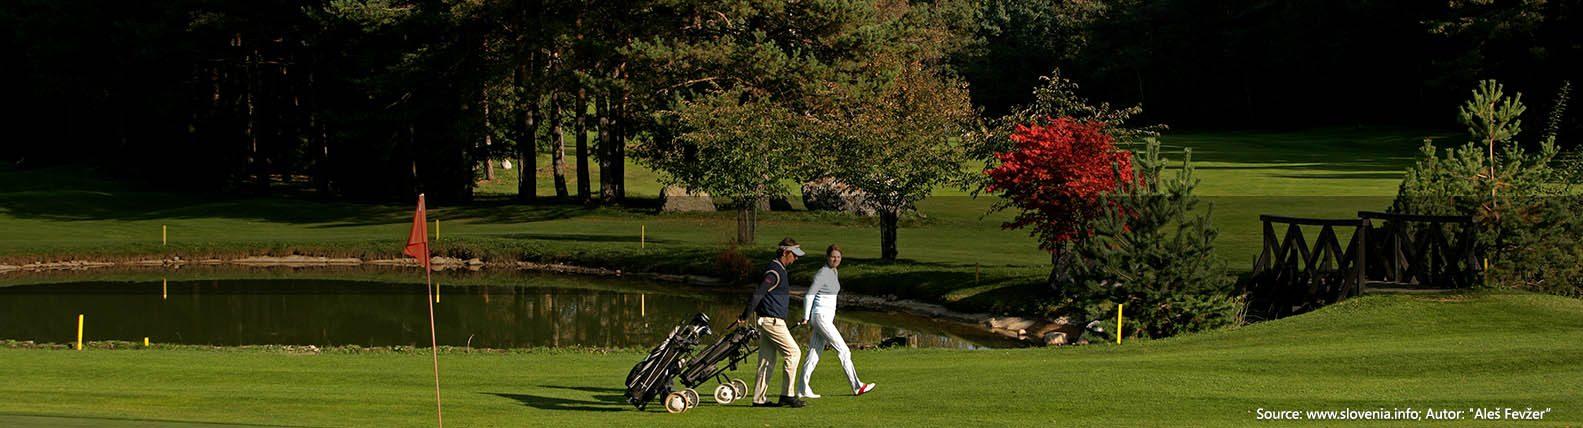 Golf & Tennis Courts